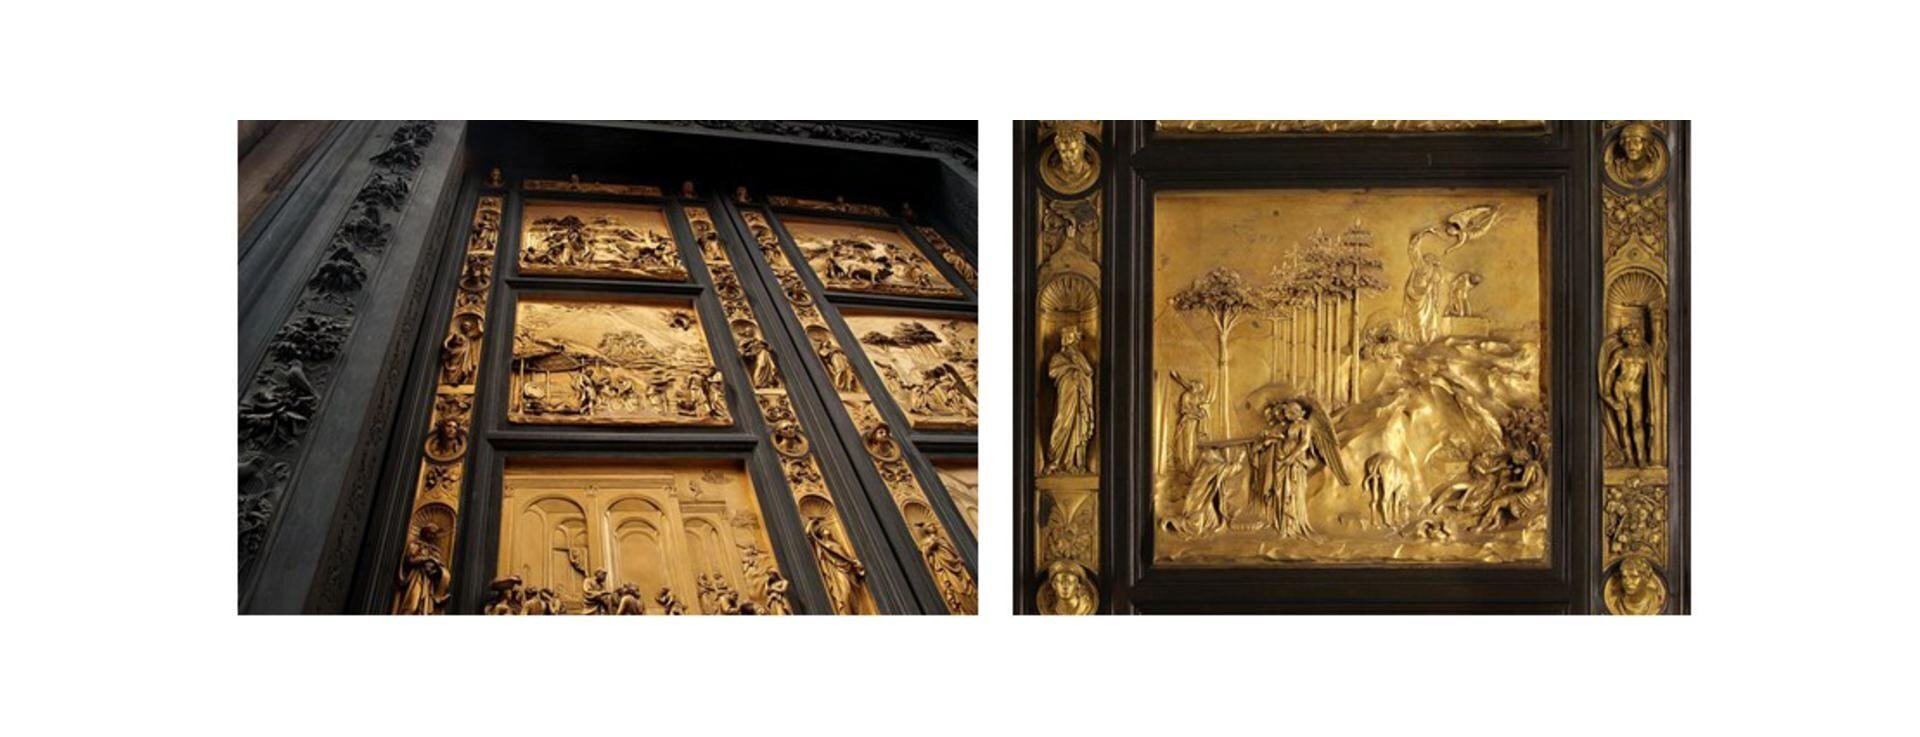 """Zdjęcie przedstawia dwa fragmenty """"Drzwi Raju"""" (Porta del Paradiso) Lorenza Ghibertiego, wykonanych wlatach 1425-1450: pierwszy ukazuje fragment drzwi podzielony na kwatery, drugi - jedną zkwater. Drzwi wykonane zostały techniką odlewu isą przykładem rzeźby reliefowej. Wykonano zbrązu, anastępnie pozłocono."""